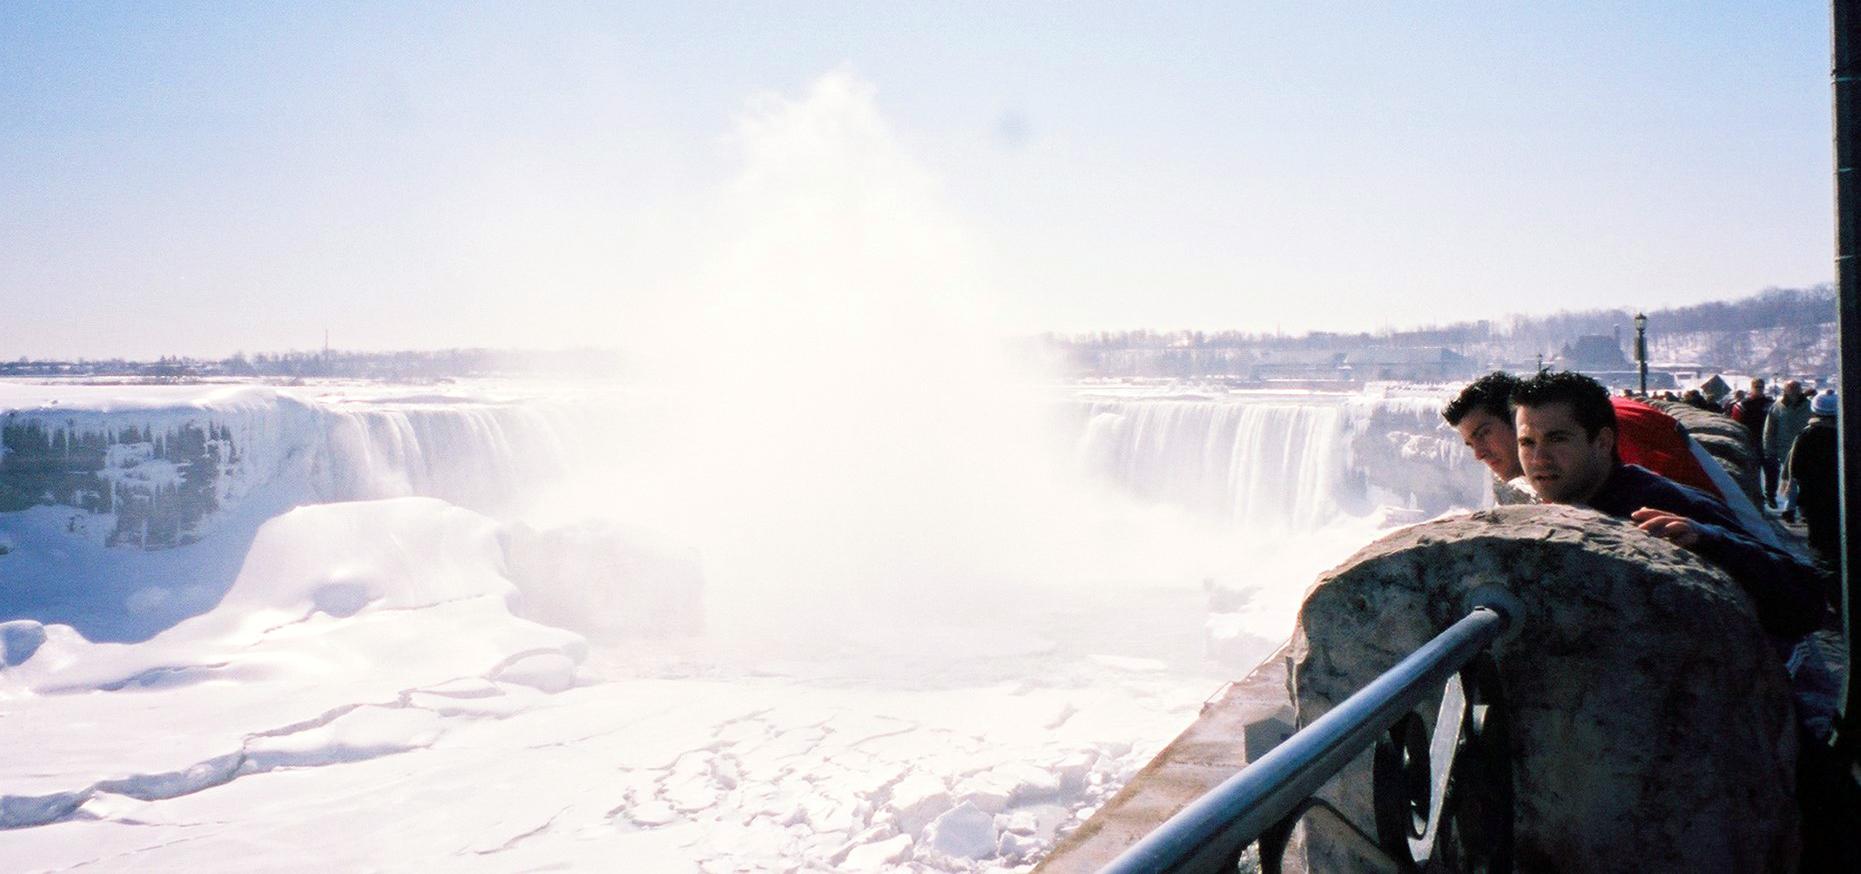 Guía de viajes a Canada, Visa a Canadá, Visado a Canadá canadá - 32354105515 a8fdf161fe o - Guía de viajes y visa para Canadá